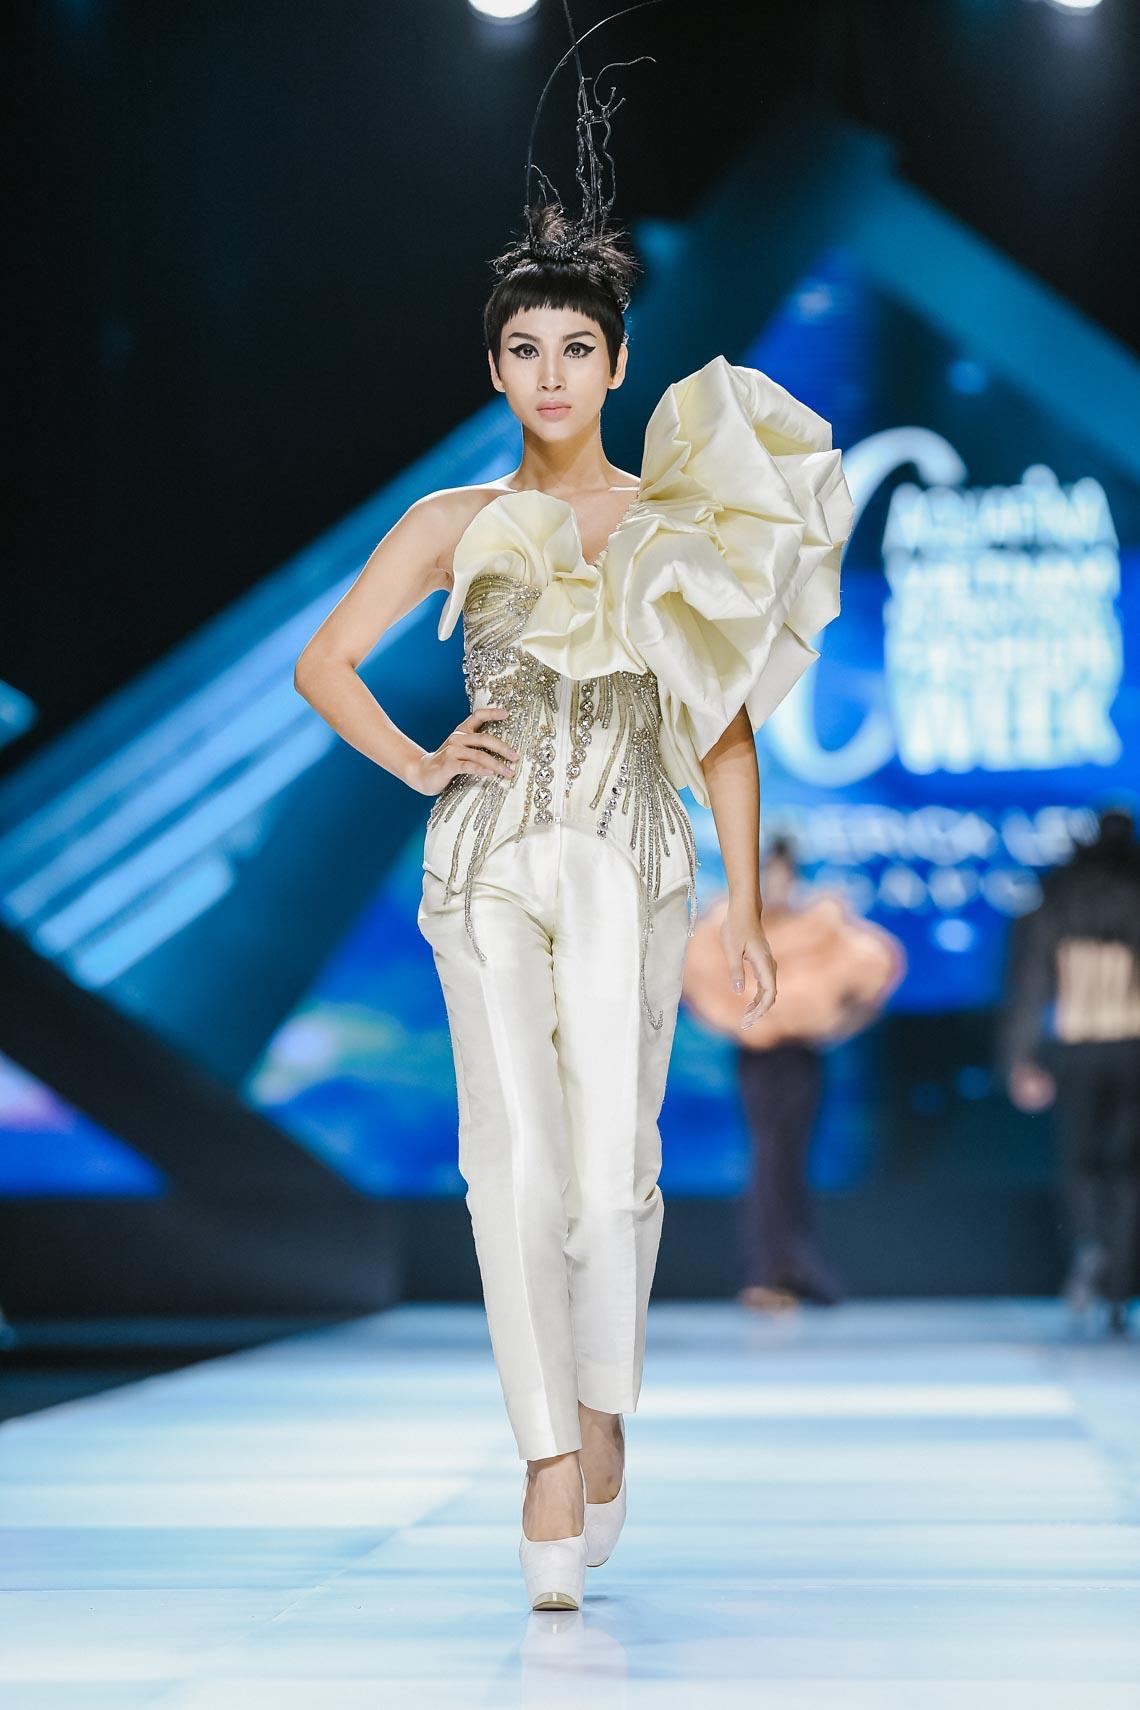 Siêu mẫu Thanh Hằng trong BST mới nhất của Frederick Lee trên sàn diễn Tuần lễ Thời trang Quốc tế Việt Nam Thu Đông 2019 - 17